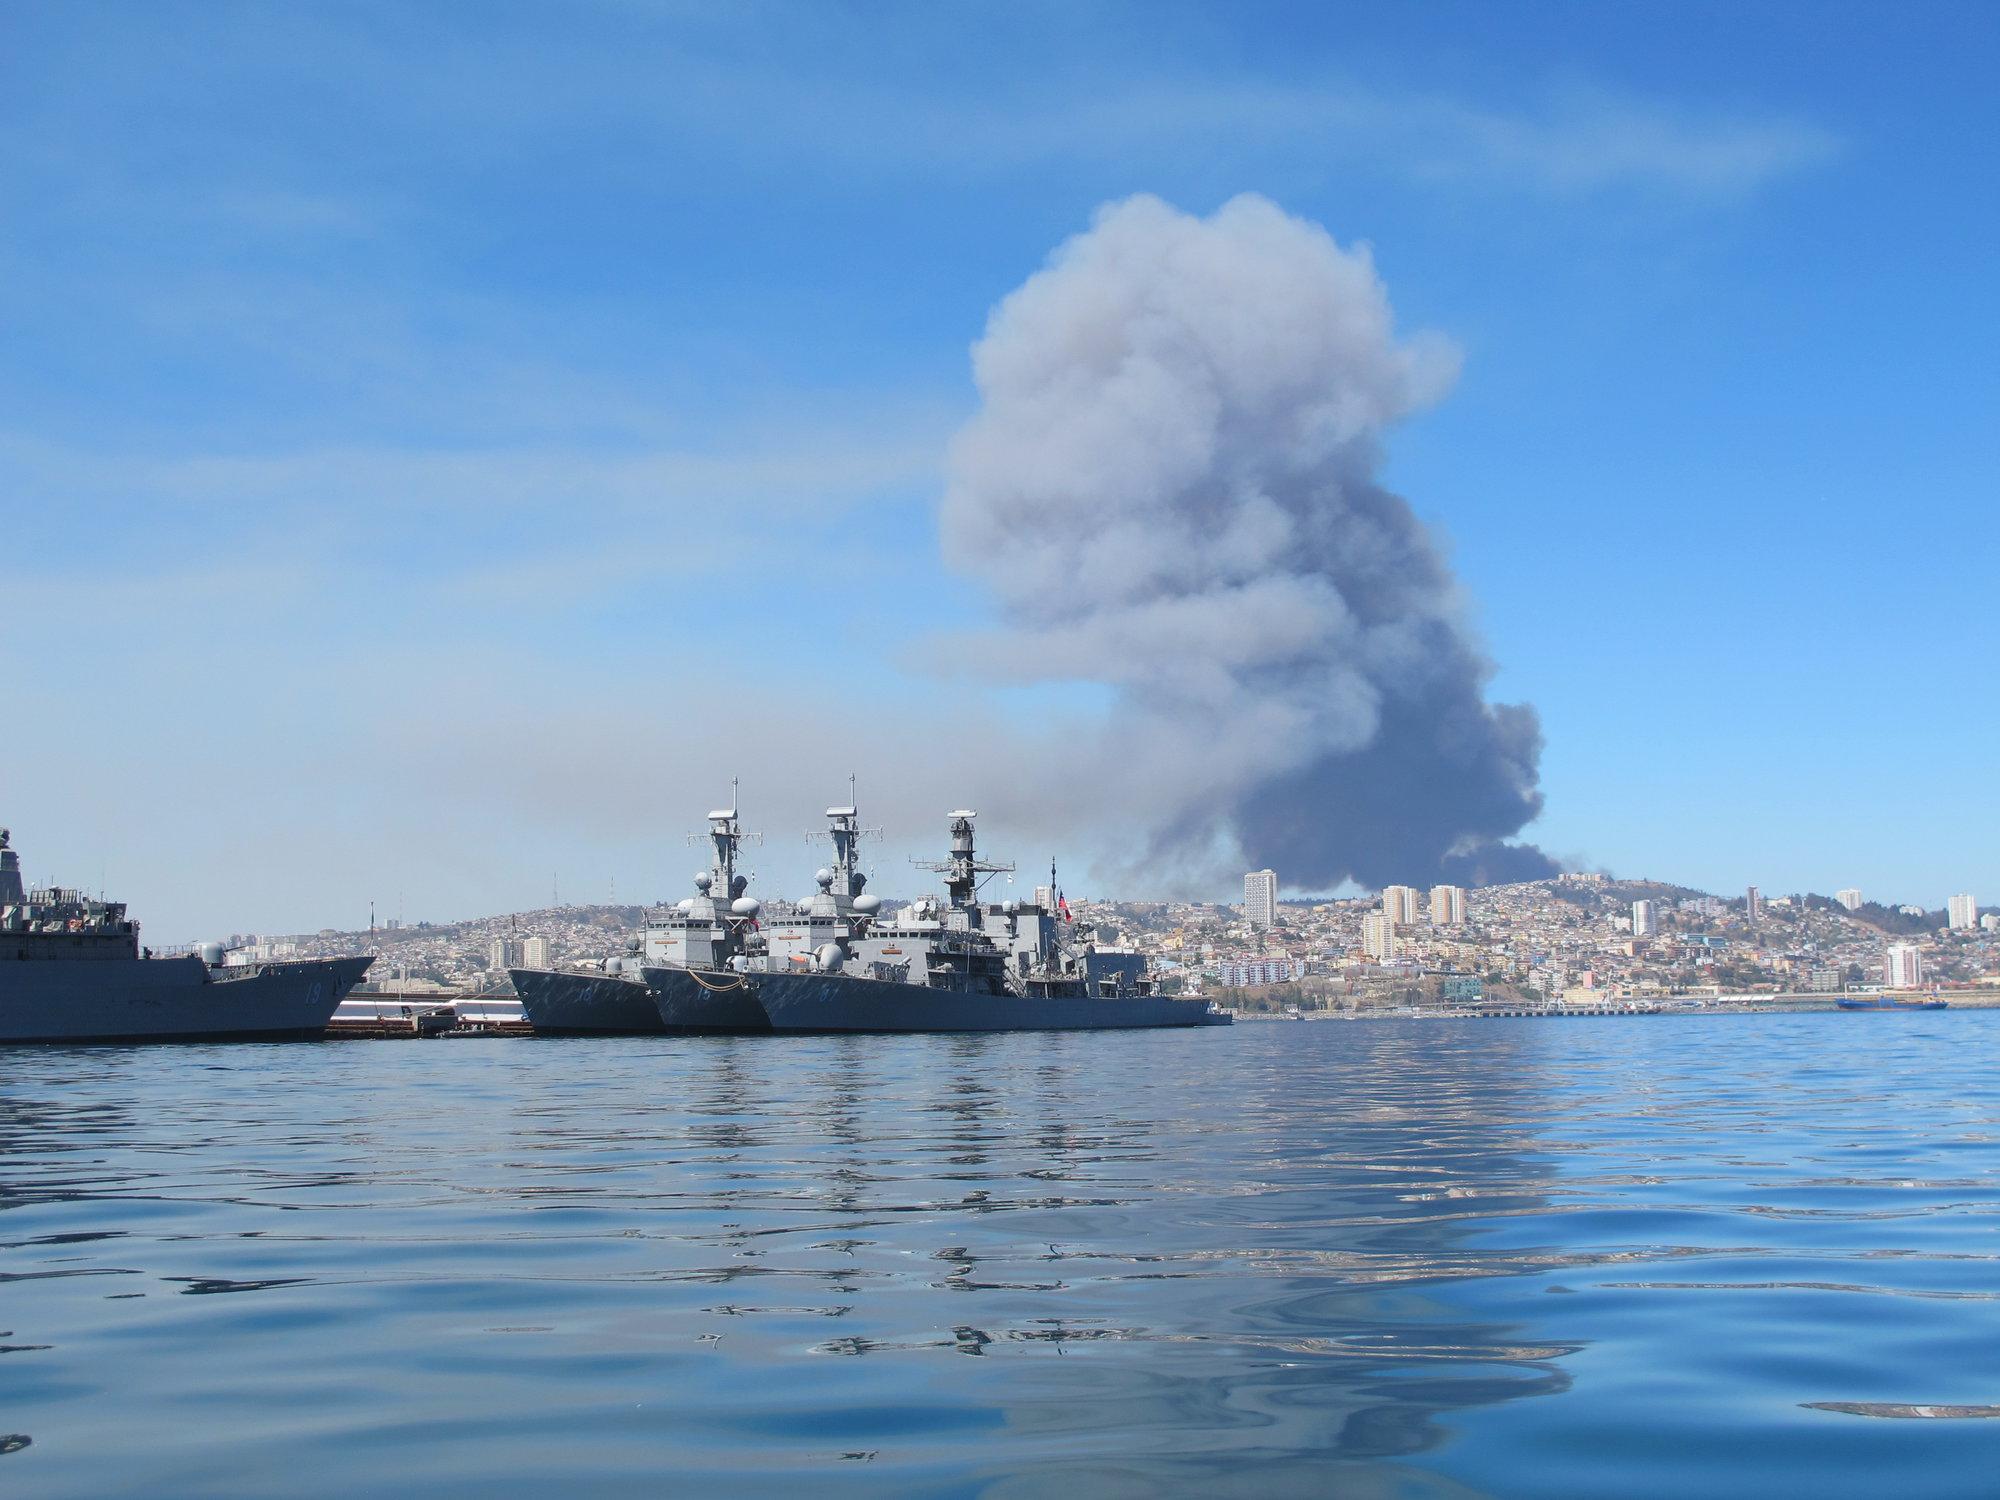 lodě chilské armády